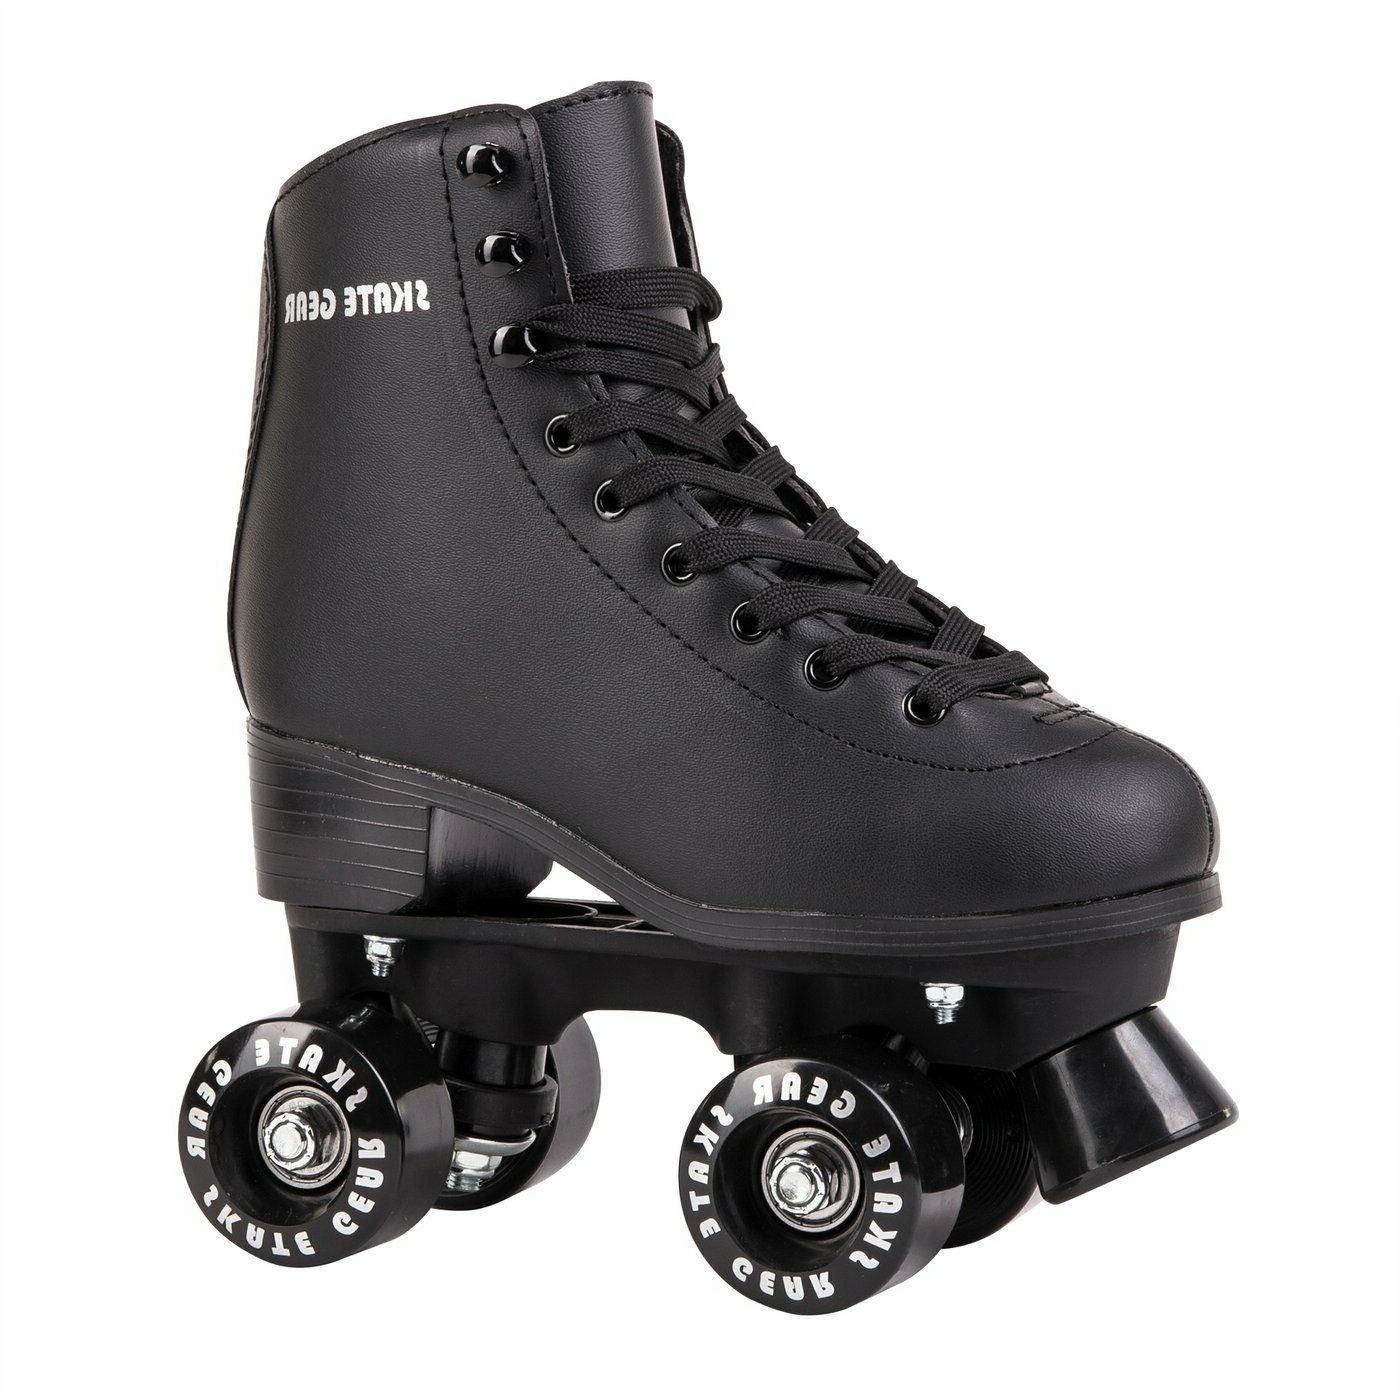 quad roller skates unisex black